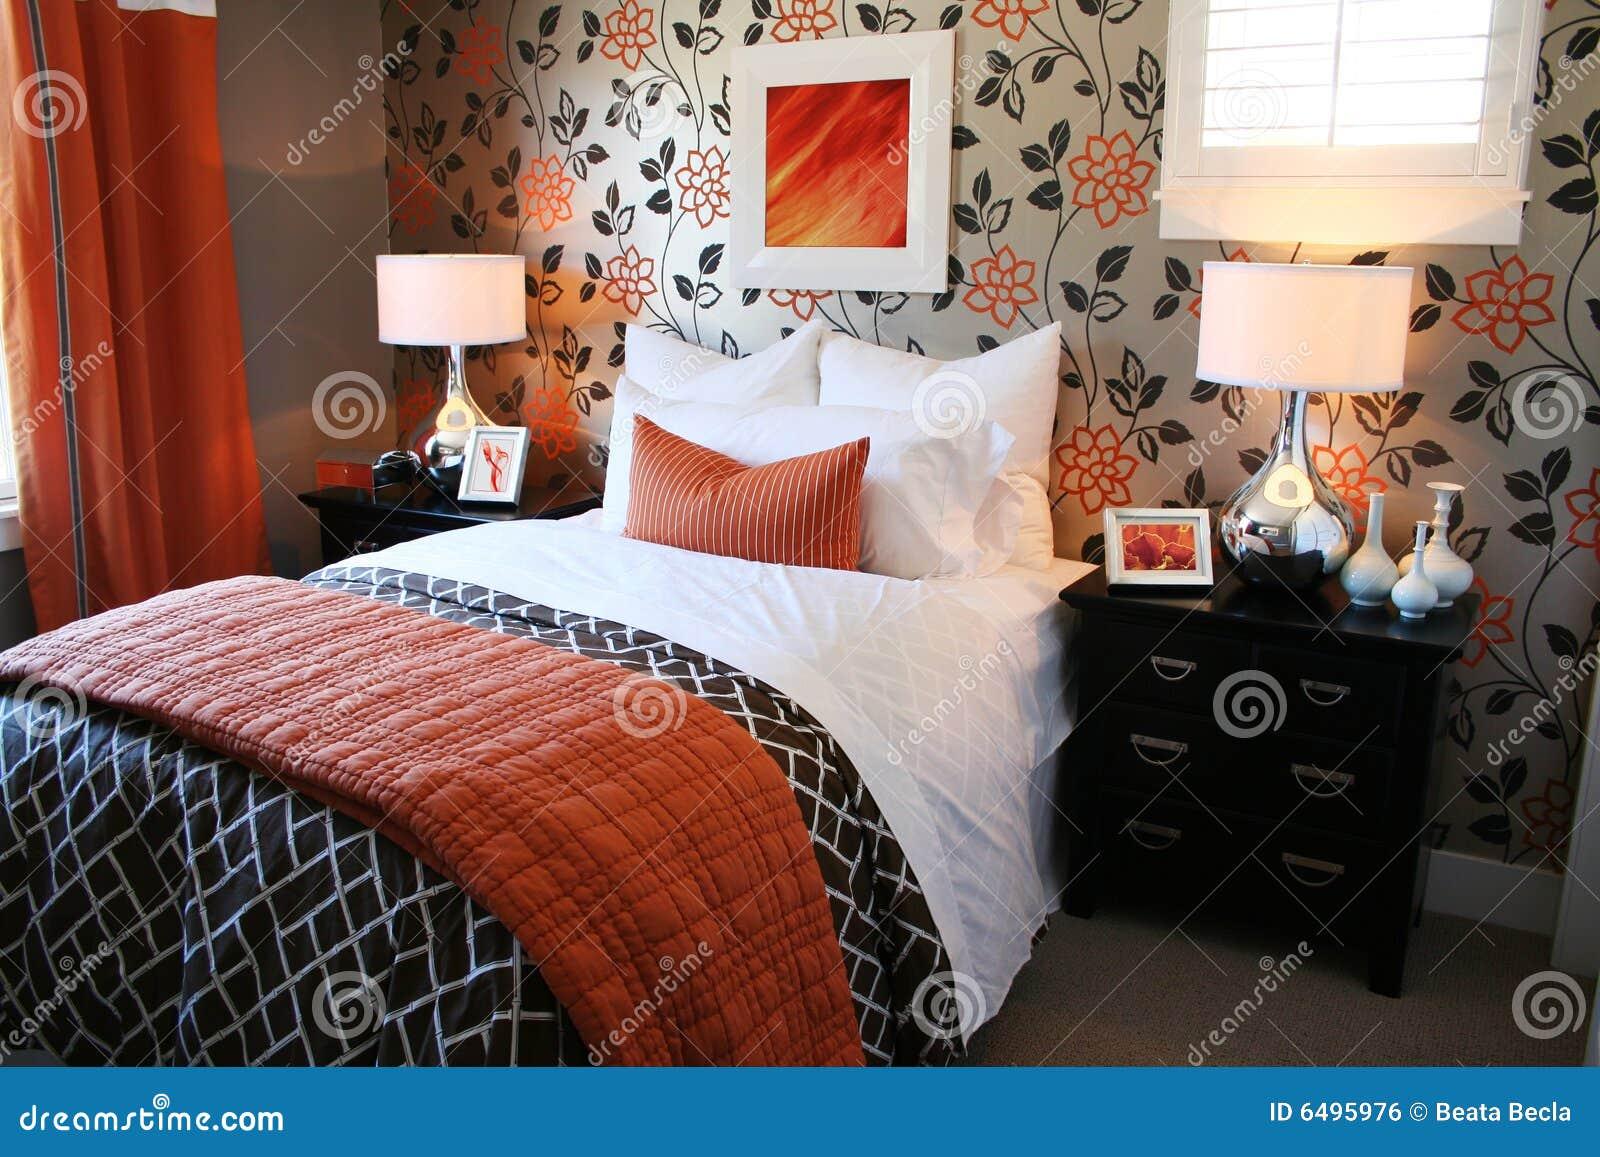 Gemütliches Schlafzimmer Lizenzfreies Stockbild - Bild: 6495976